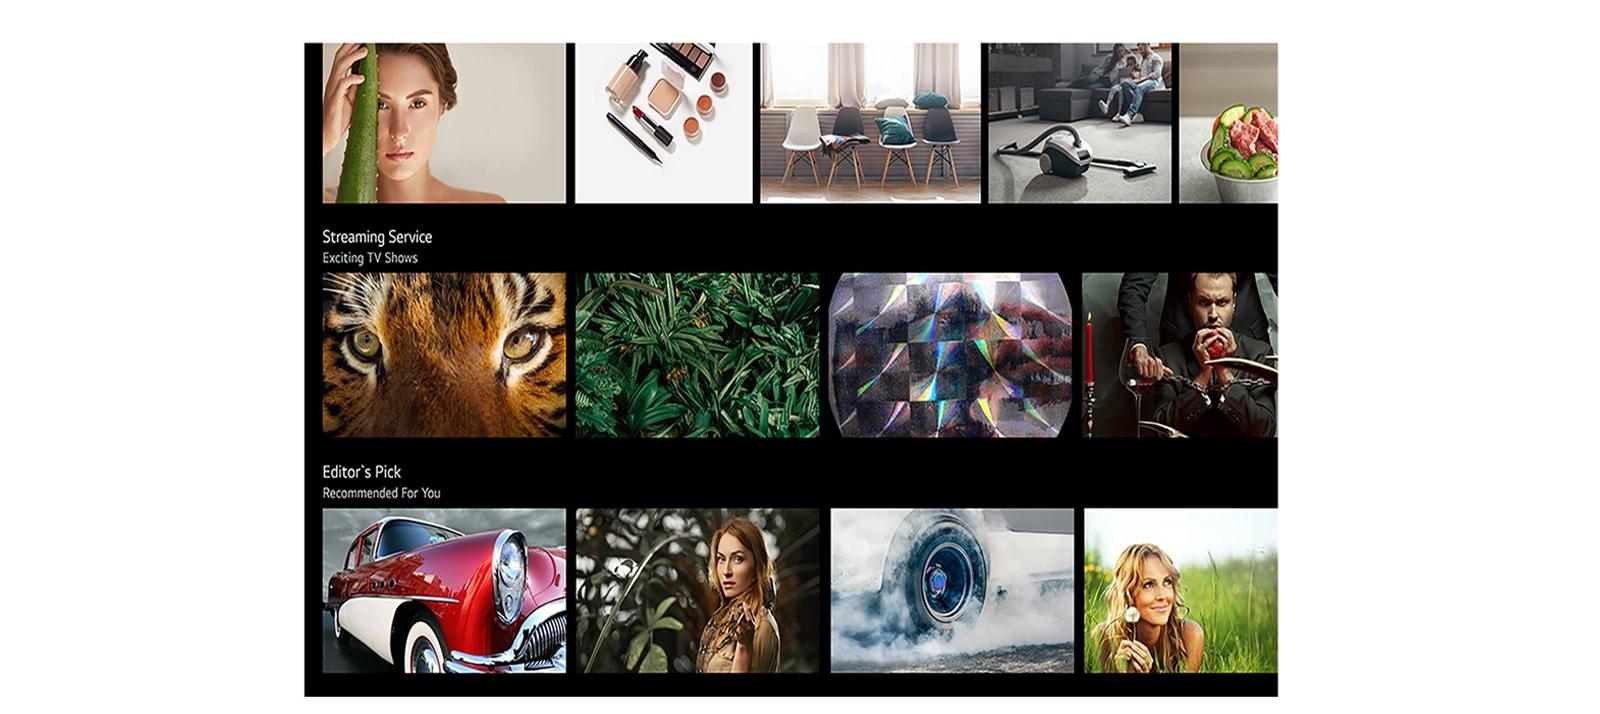 Een tv-scherm met verschillende inhoud opgesomd en aanbevolen door LG ThinQ AI. (Speel de video af)